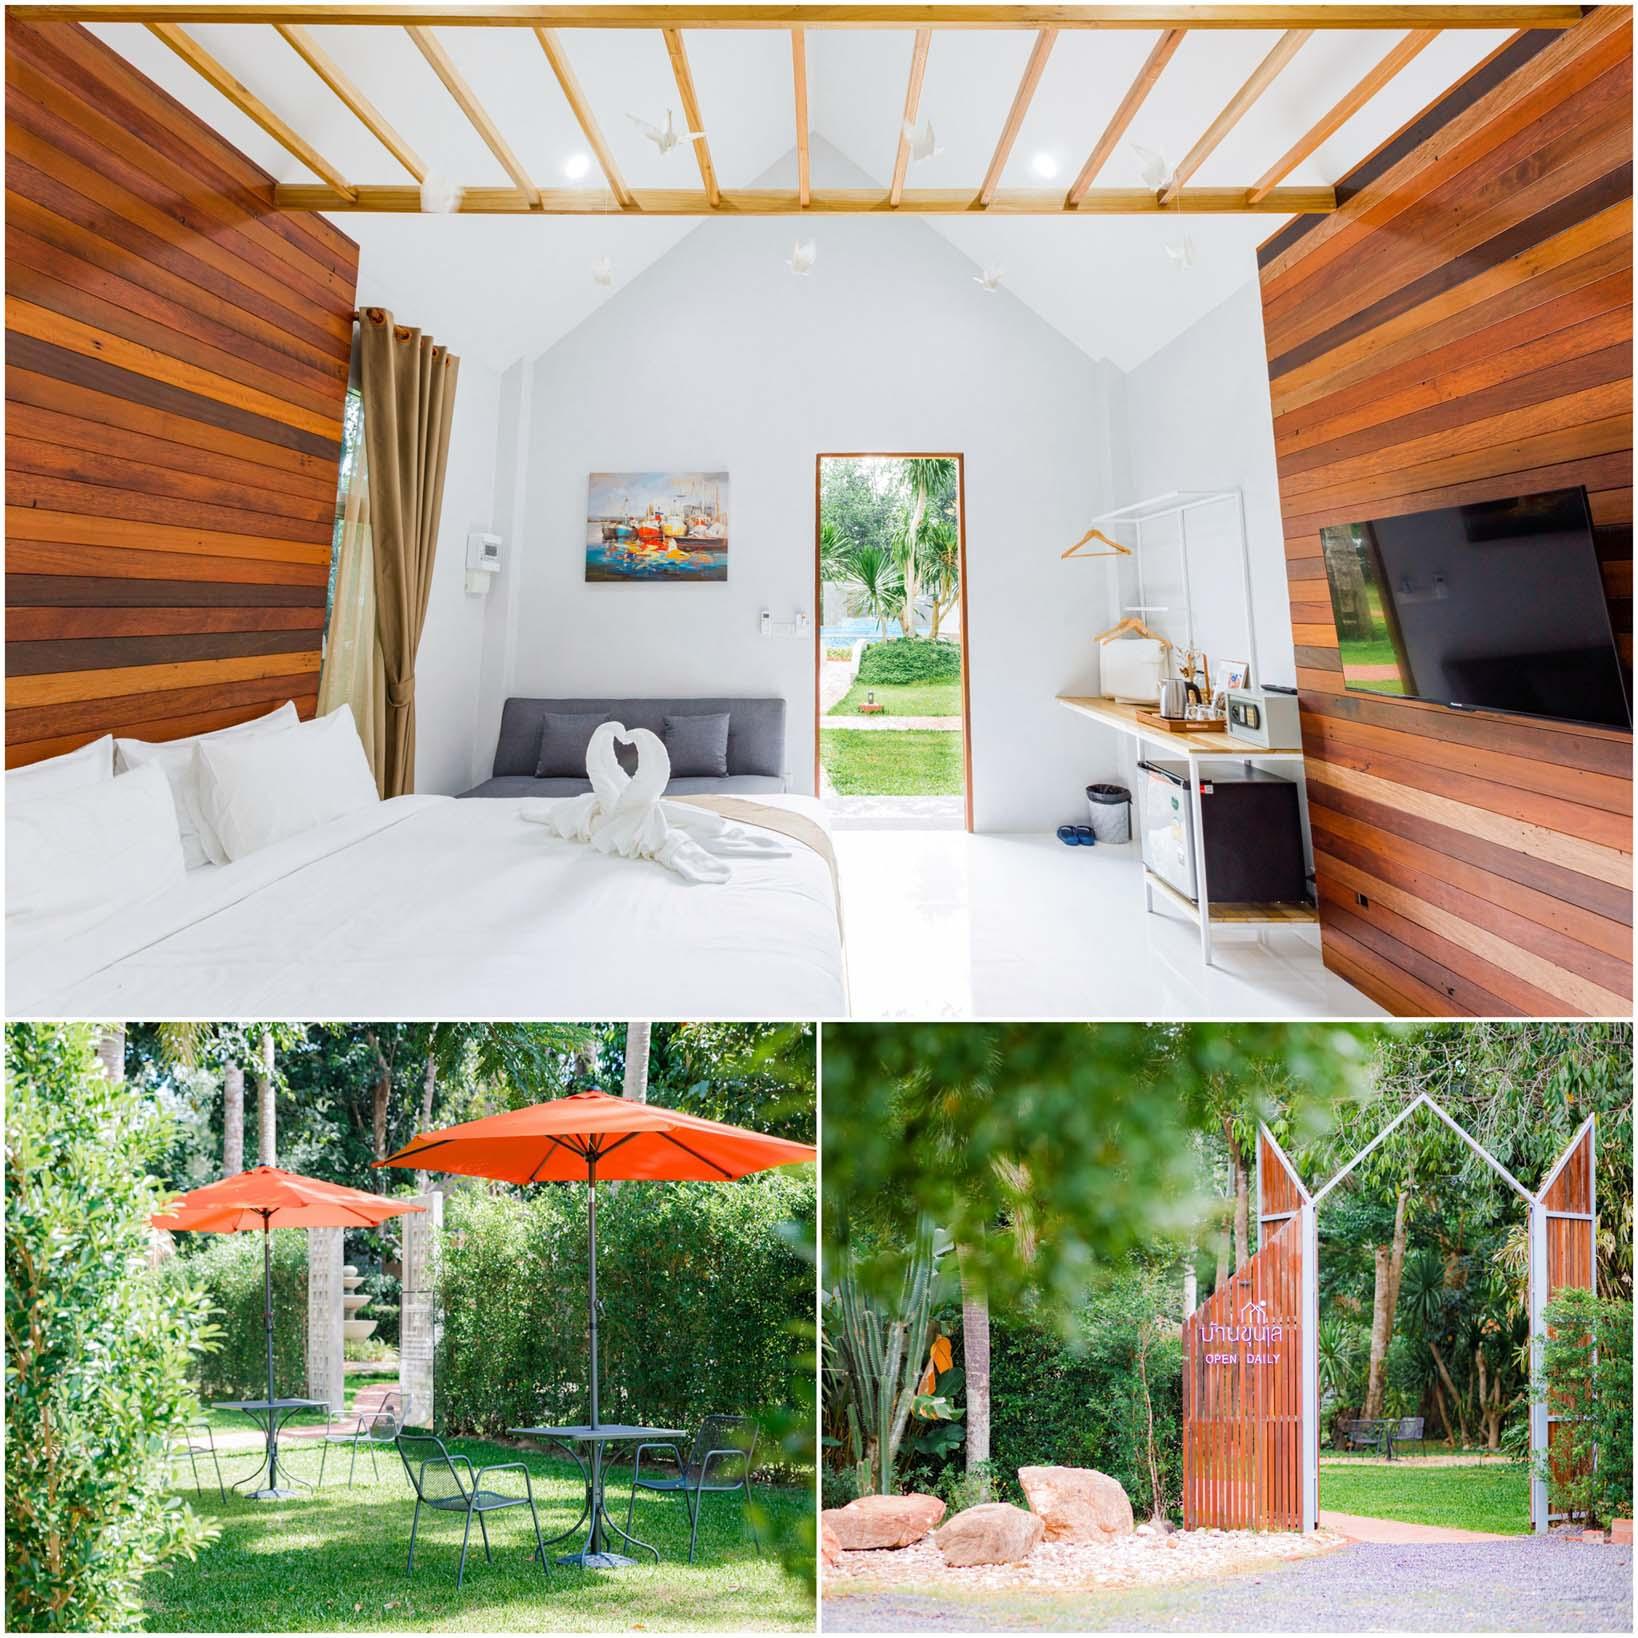 ที่พักวิวสีเขียว-ออกแบบเรียบง่ายมินิมอล-ลอฟต์หน่อยๆ-หญ้าสีเขียวนุ่ม-ปูเสื่อนั่งชิวก็ได้เลย  บ้านขุนเล,ขุนเลคอฟฟี่,ลานสกา,นครศรี,ที่พักเปิดใหม่,รีสอร์ท